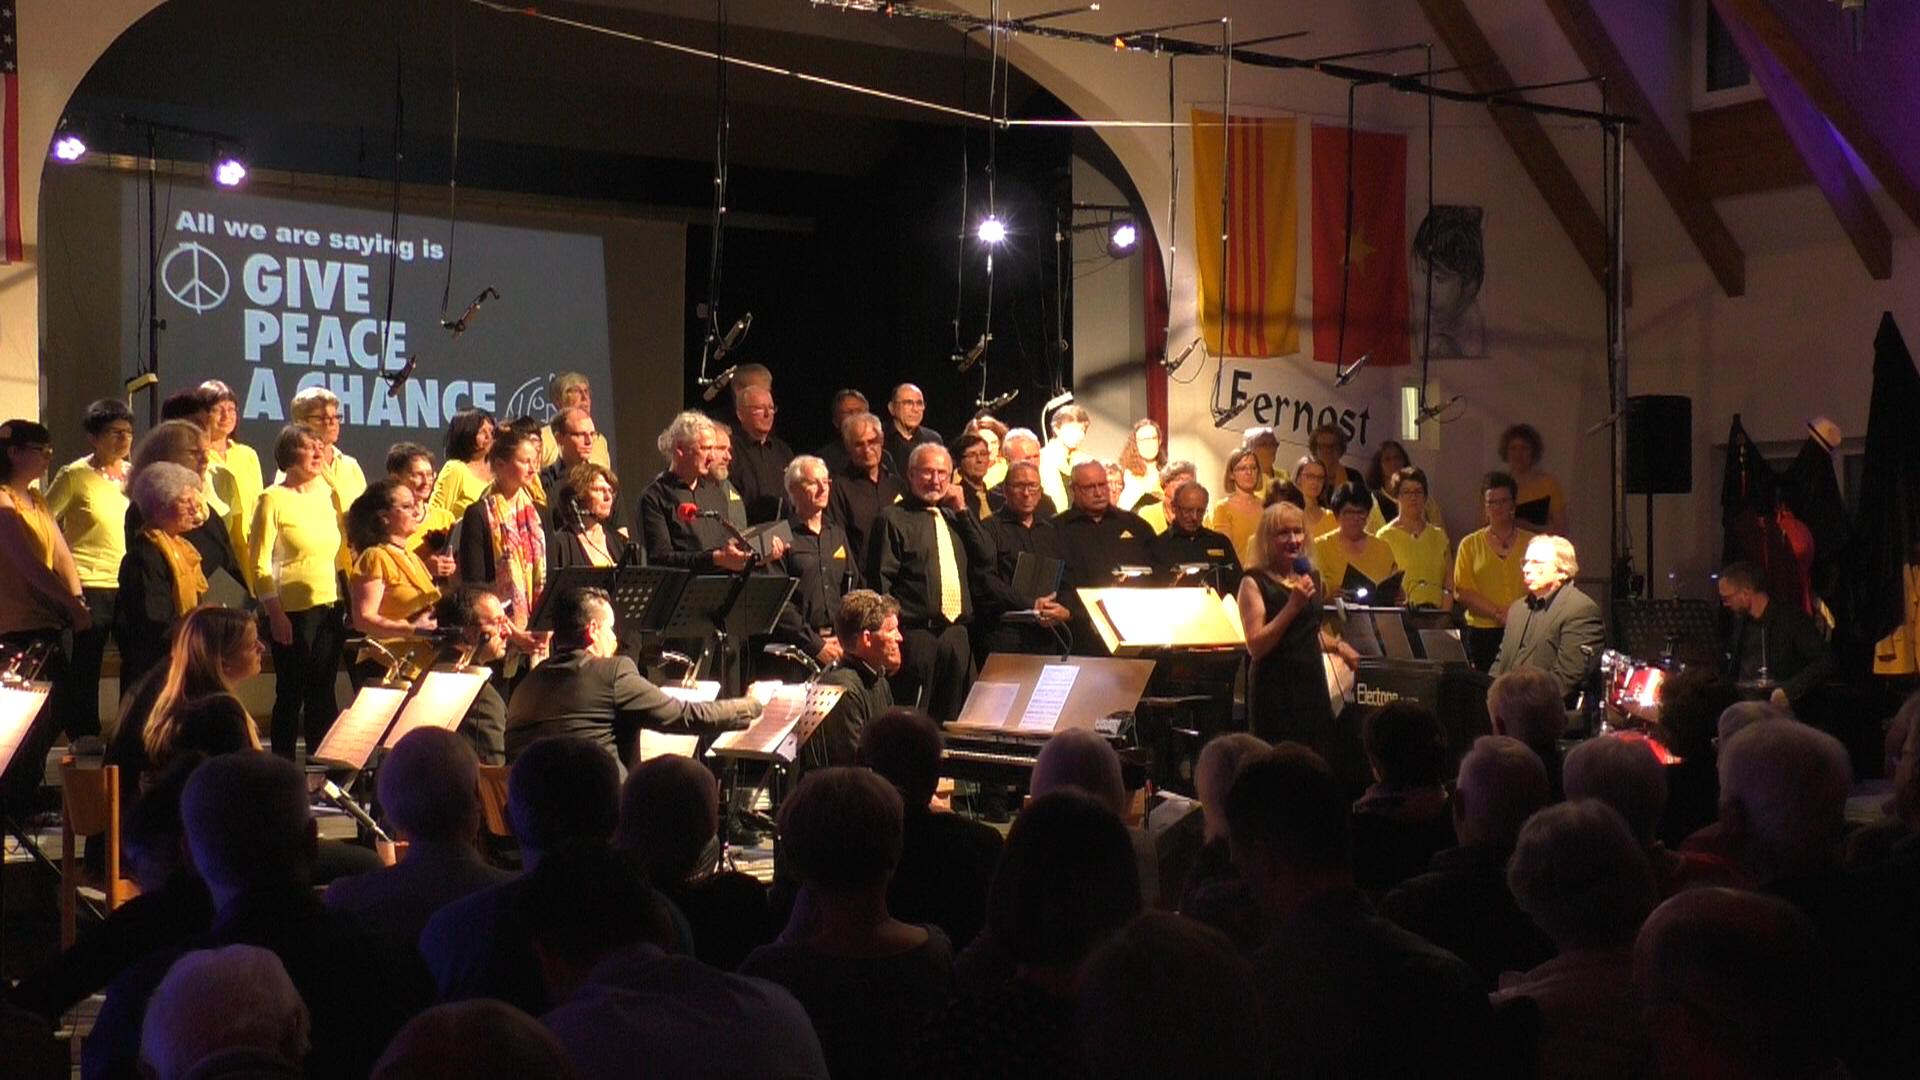 """Vorstandssprecherin Jacqueline Bieringer vor dem Gesamtchor, Hintergrund auf der Leinwand """"All we are saying is Give peace a chance"""""""